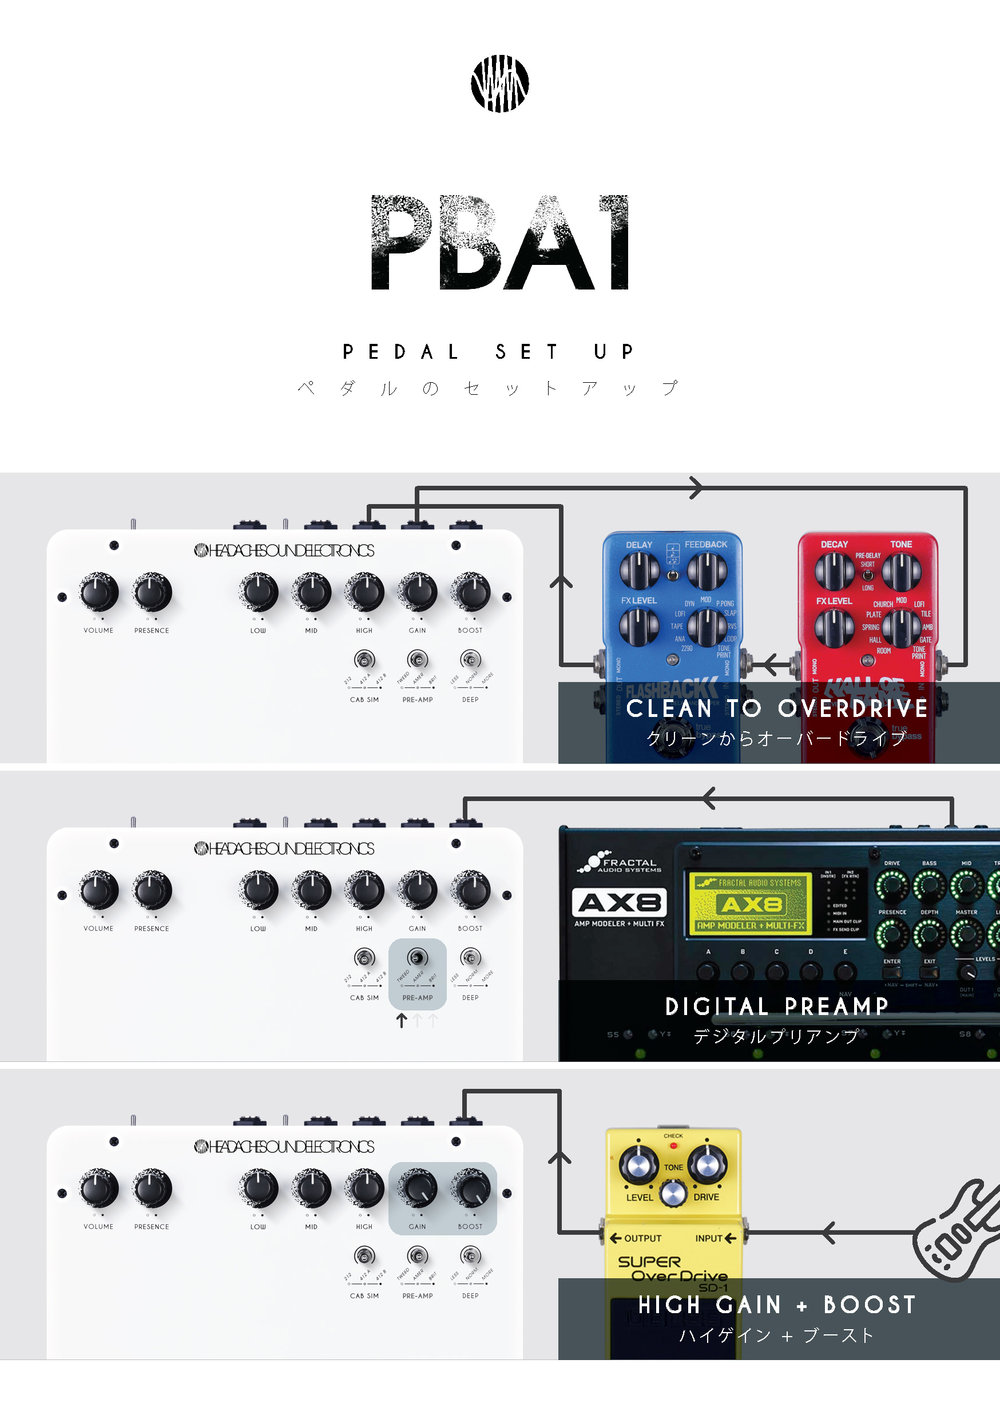 PBA1 - Pedal Setting